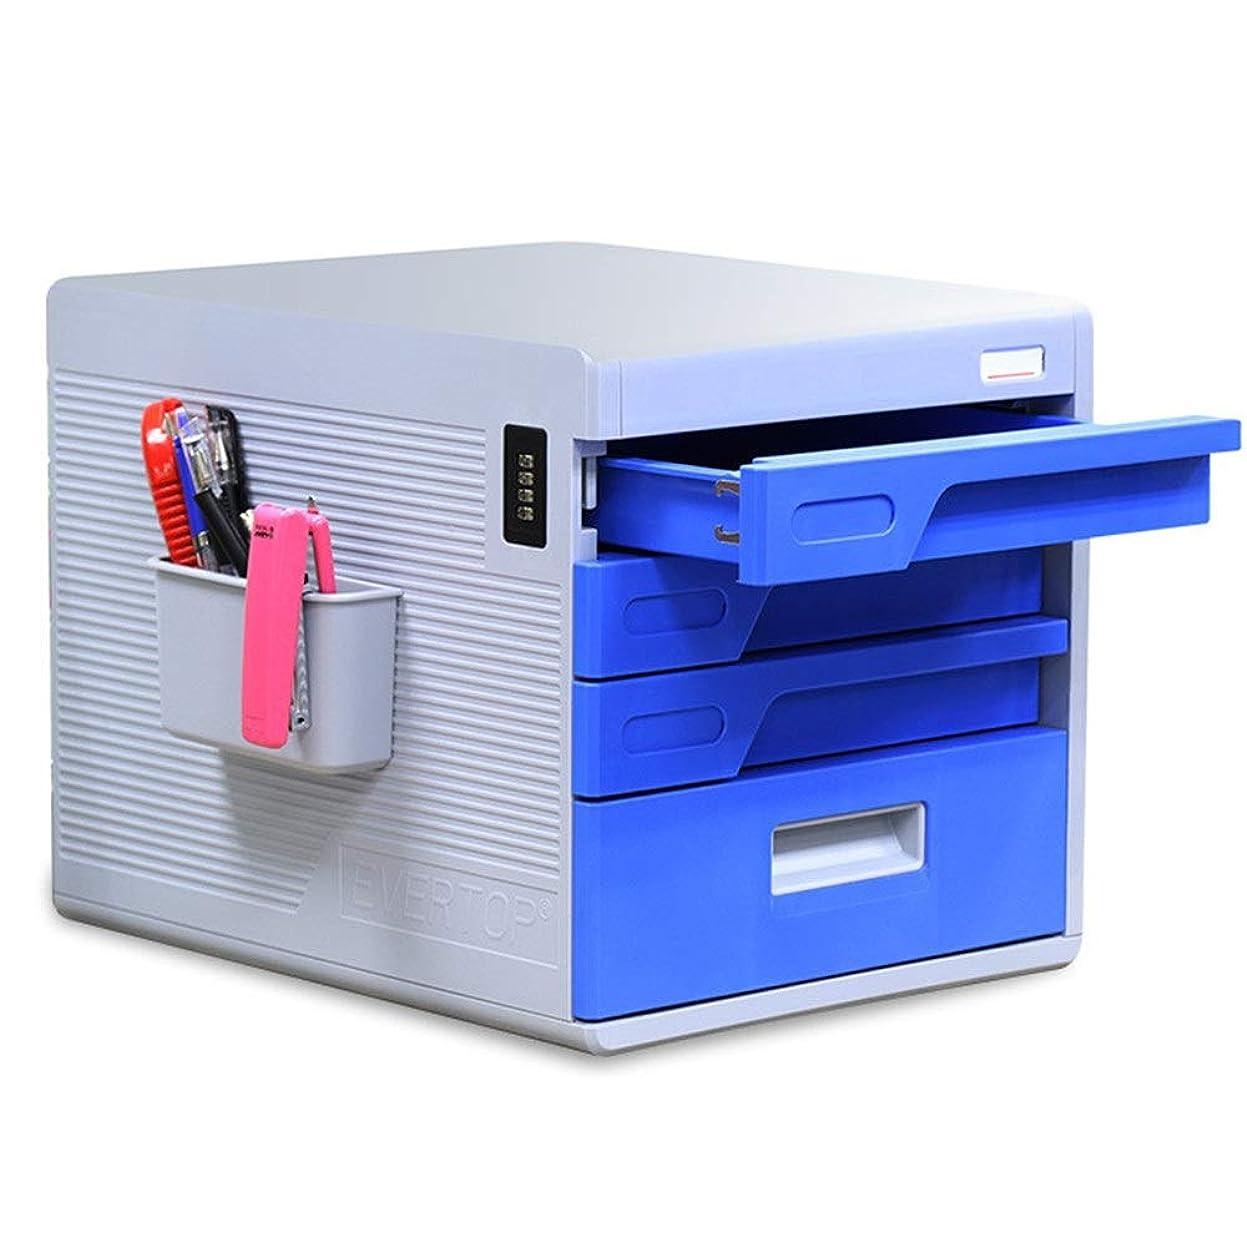 によると準備した通信する書類トレー?レターケース ファイリング&整理紙ドキュメント、ツール、キッズクラフト用品 - ホームオフィスのデスクトップは、ストレージボックス引き出しキャビネットデスクオーガナイザーファイル オフィスや会議室に最適 (Color : Blue, Size : 30x38x27cm)